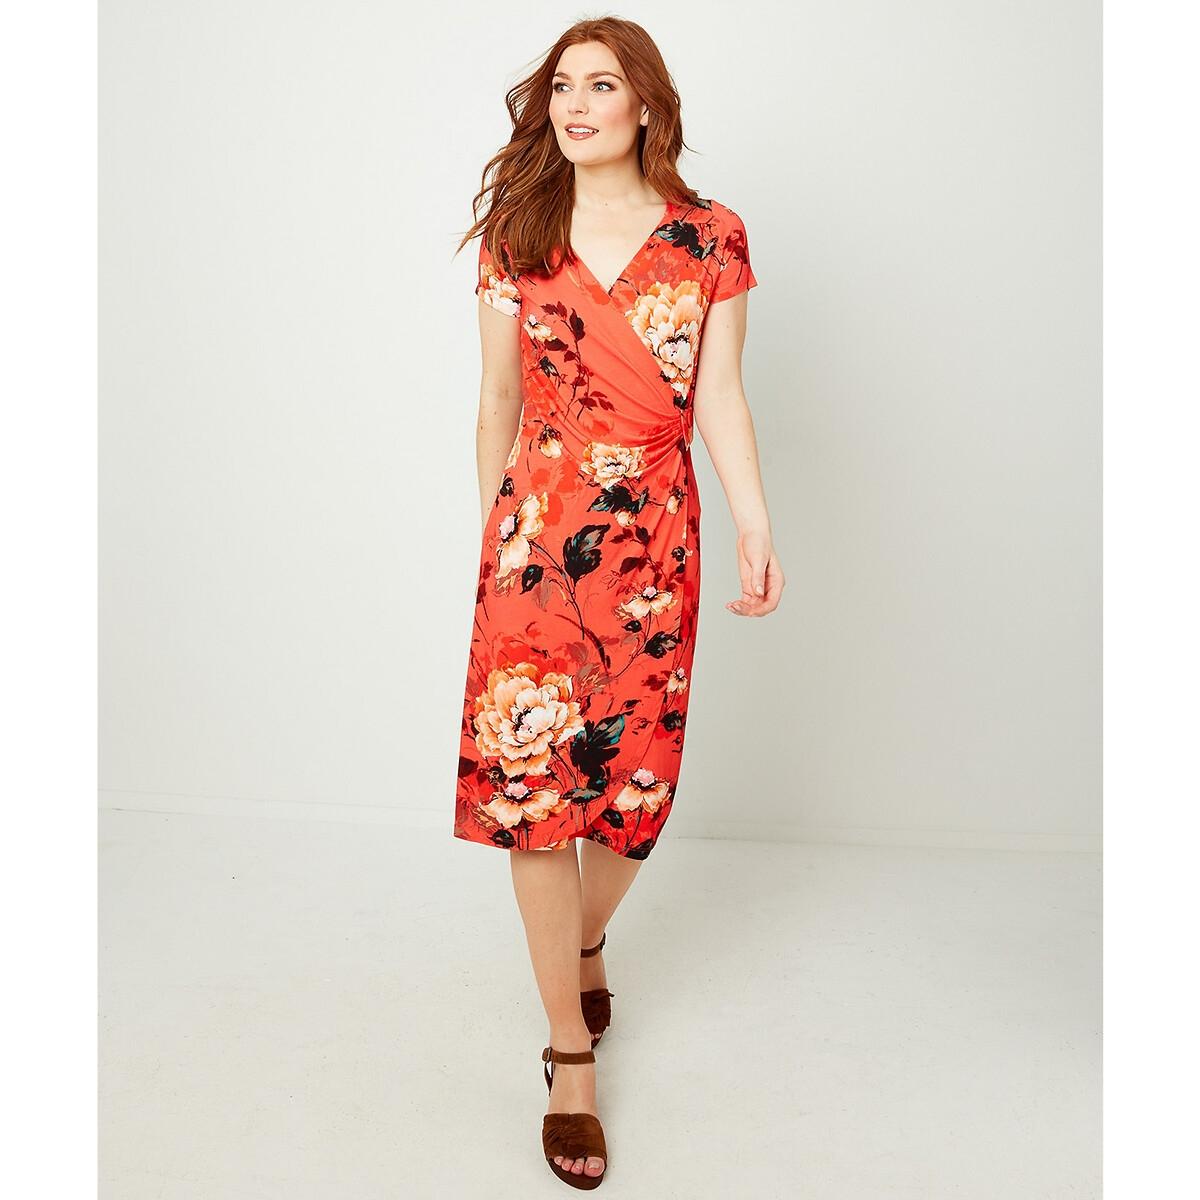 Платье La Redoute С запахом и цветочным принтом 38 (FR) - 44 (RUS) оранжевый платье la redoute с запахом и цветочным рисунком 46 fr 52 rus другие